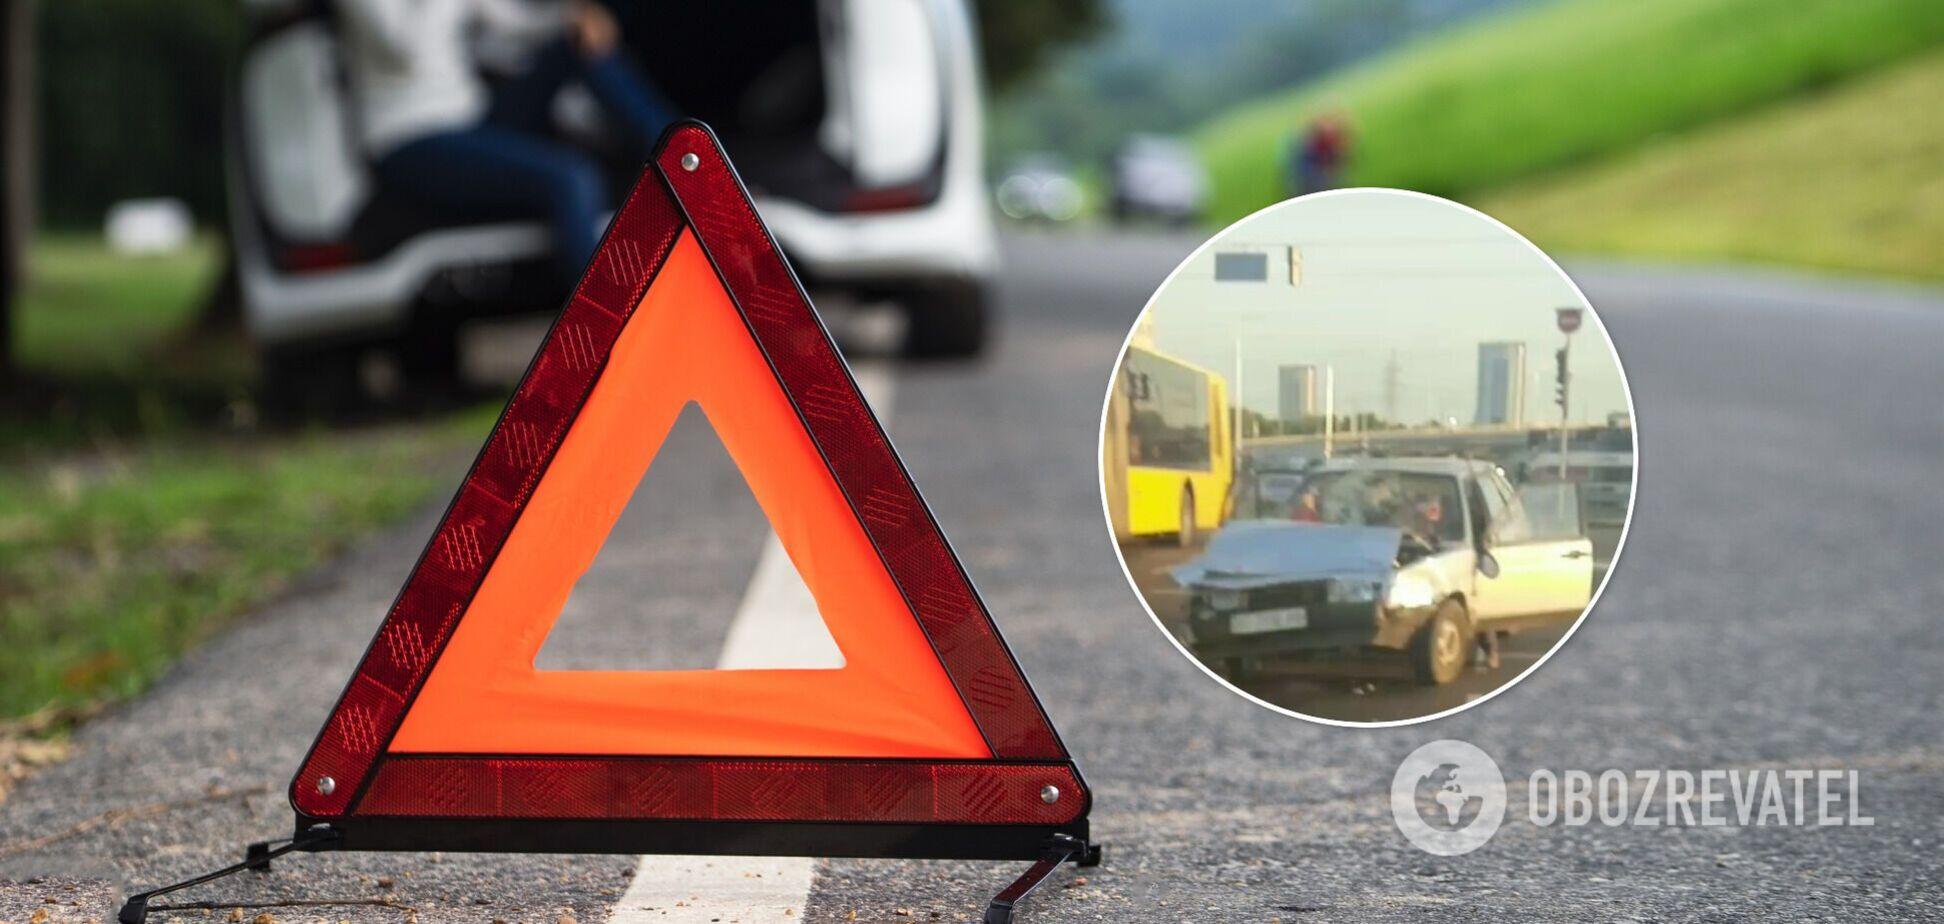 Травми отримали пасажири одного з автомобілів